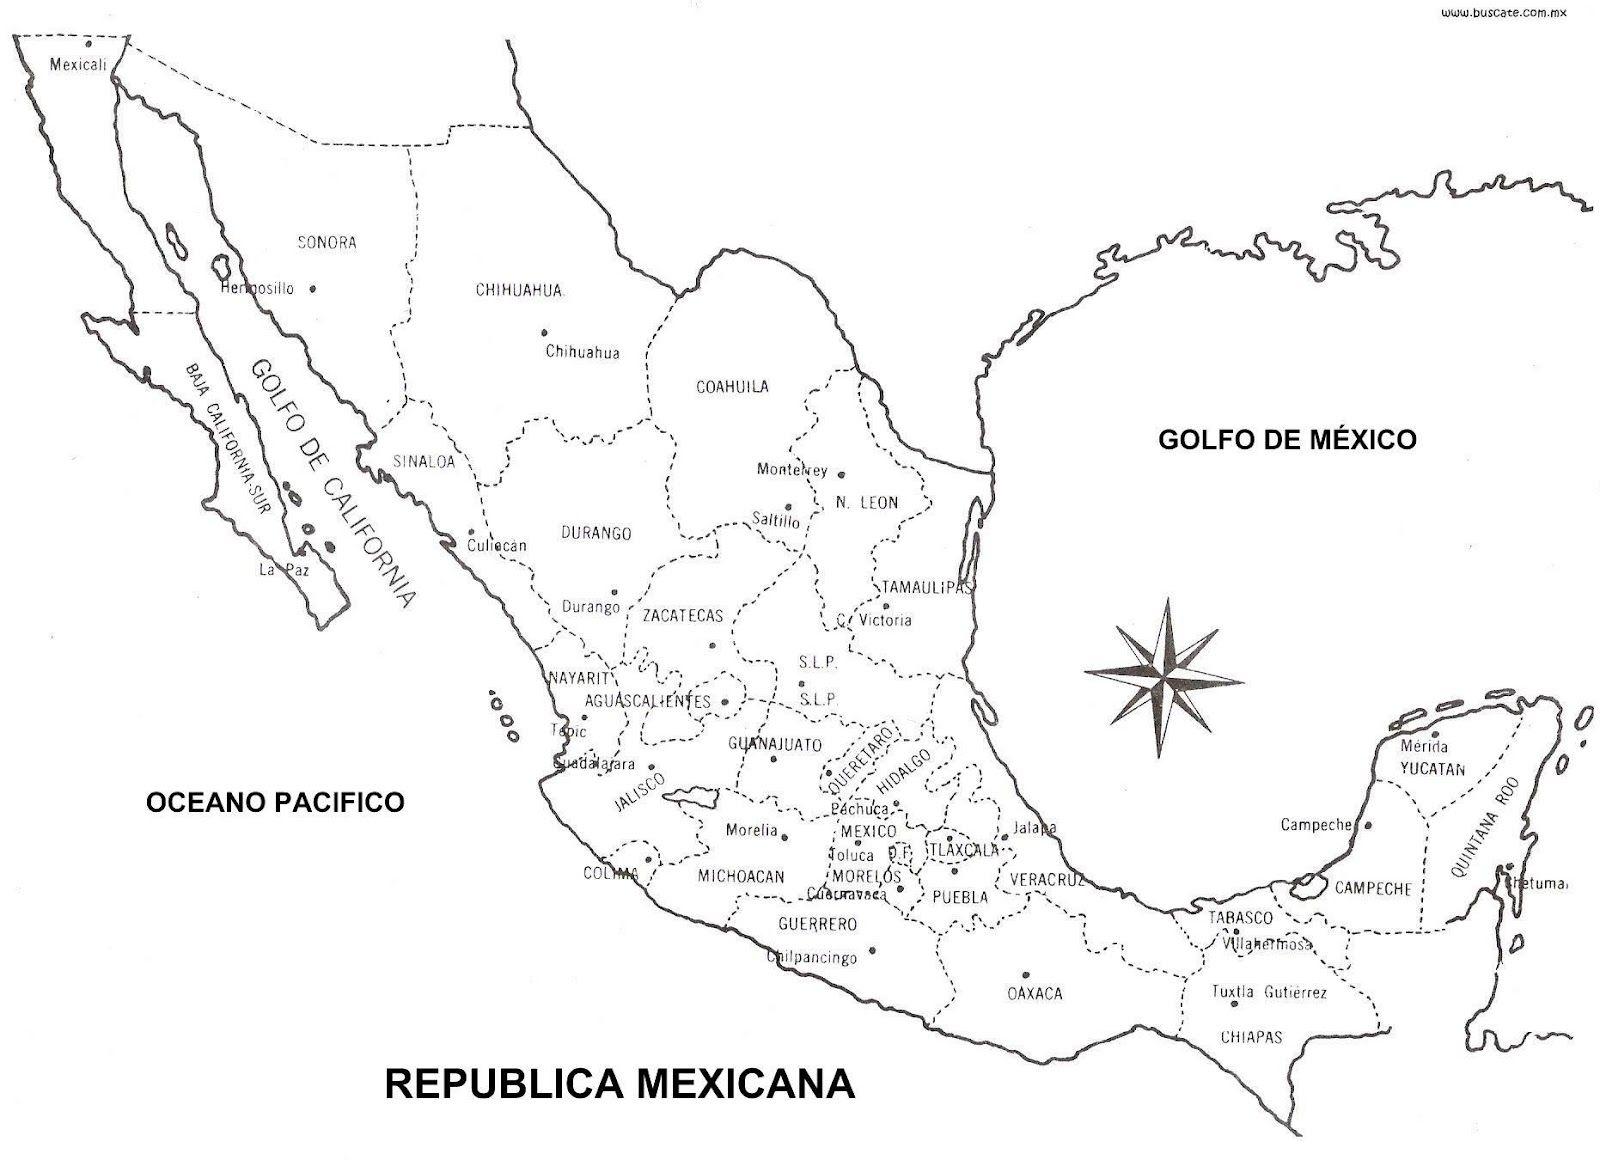 Mapa De Mexico Orografico Hidrografico Con Sin Nombres Cgsign